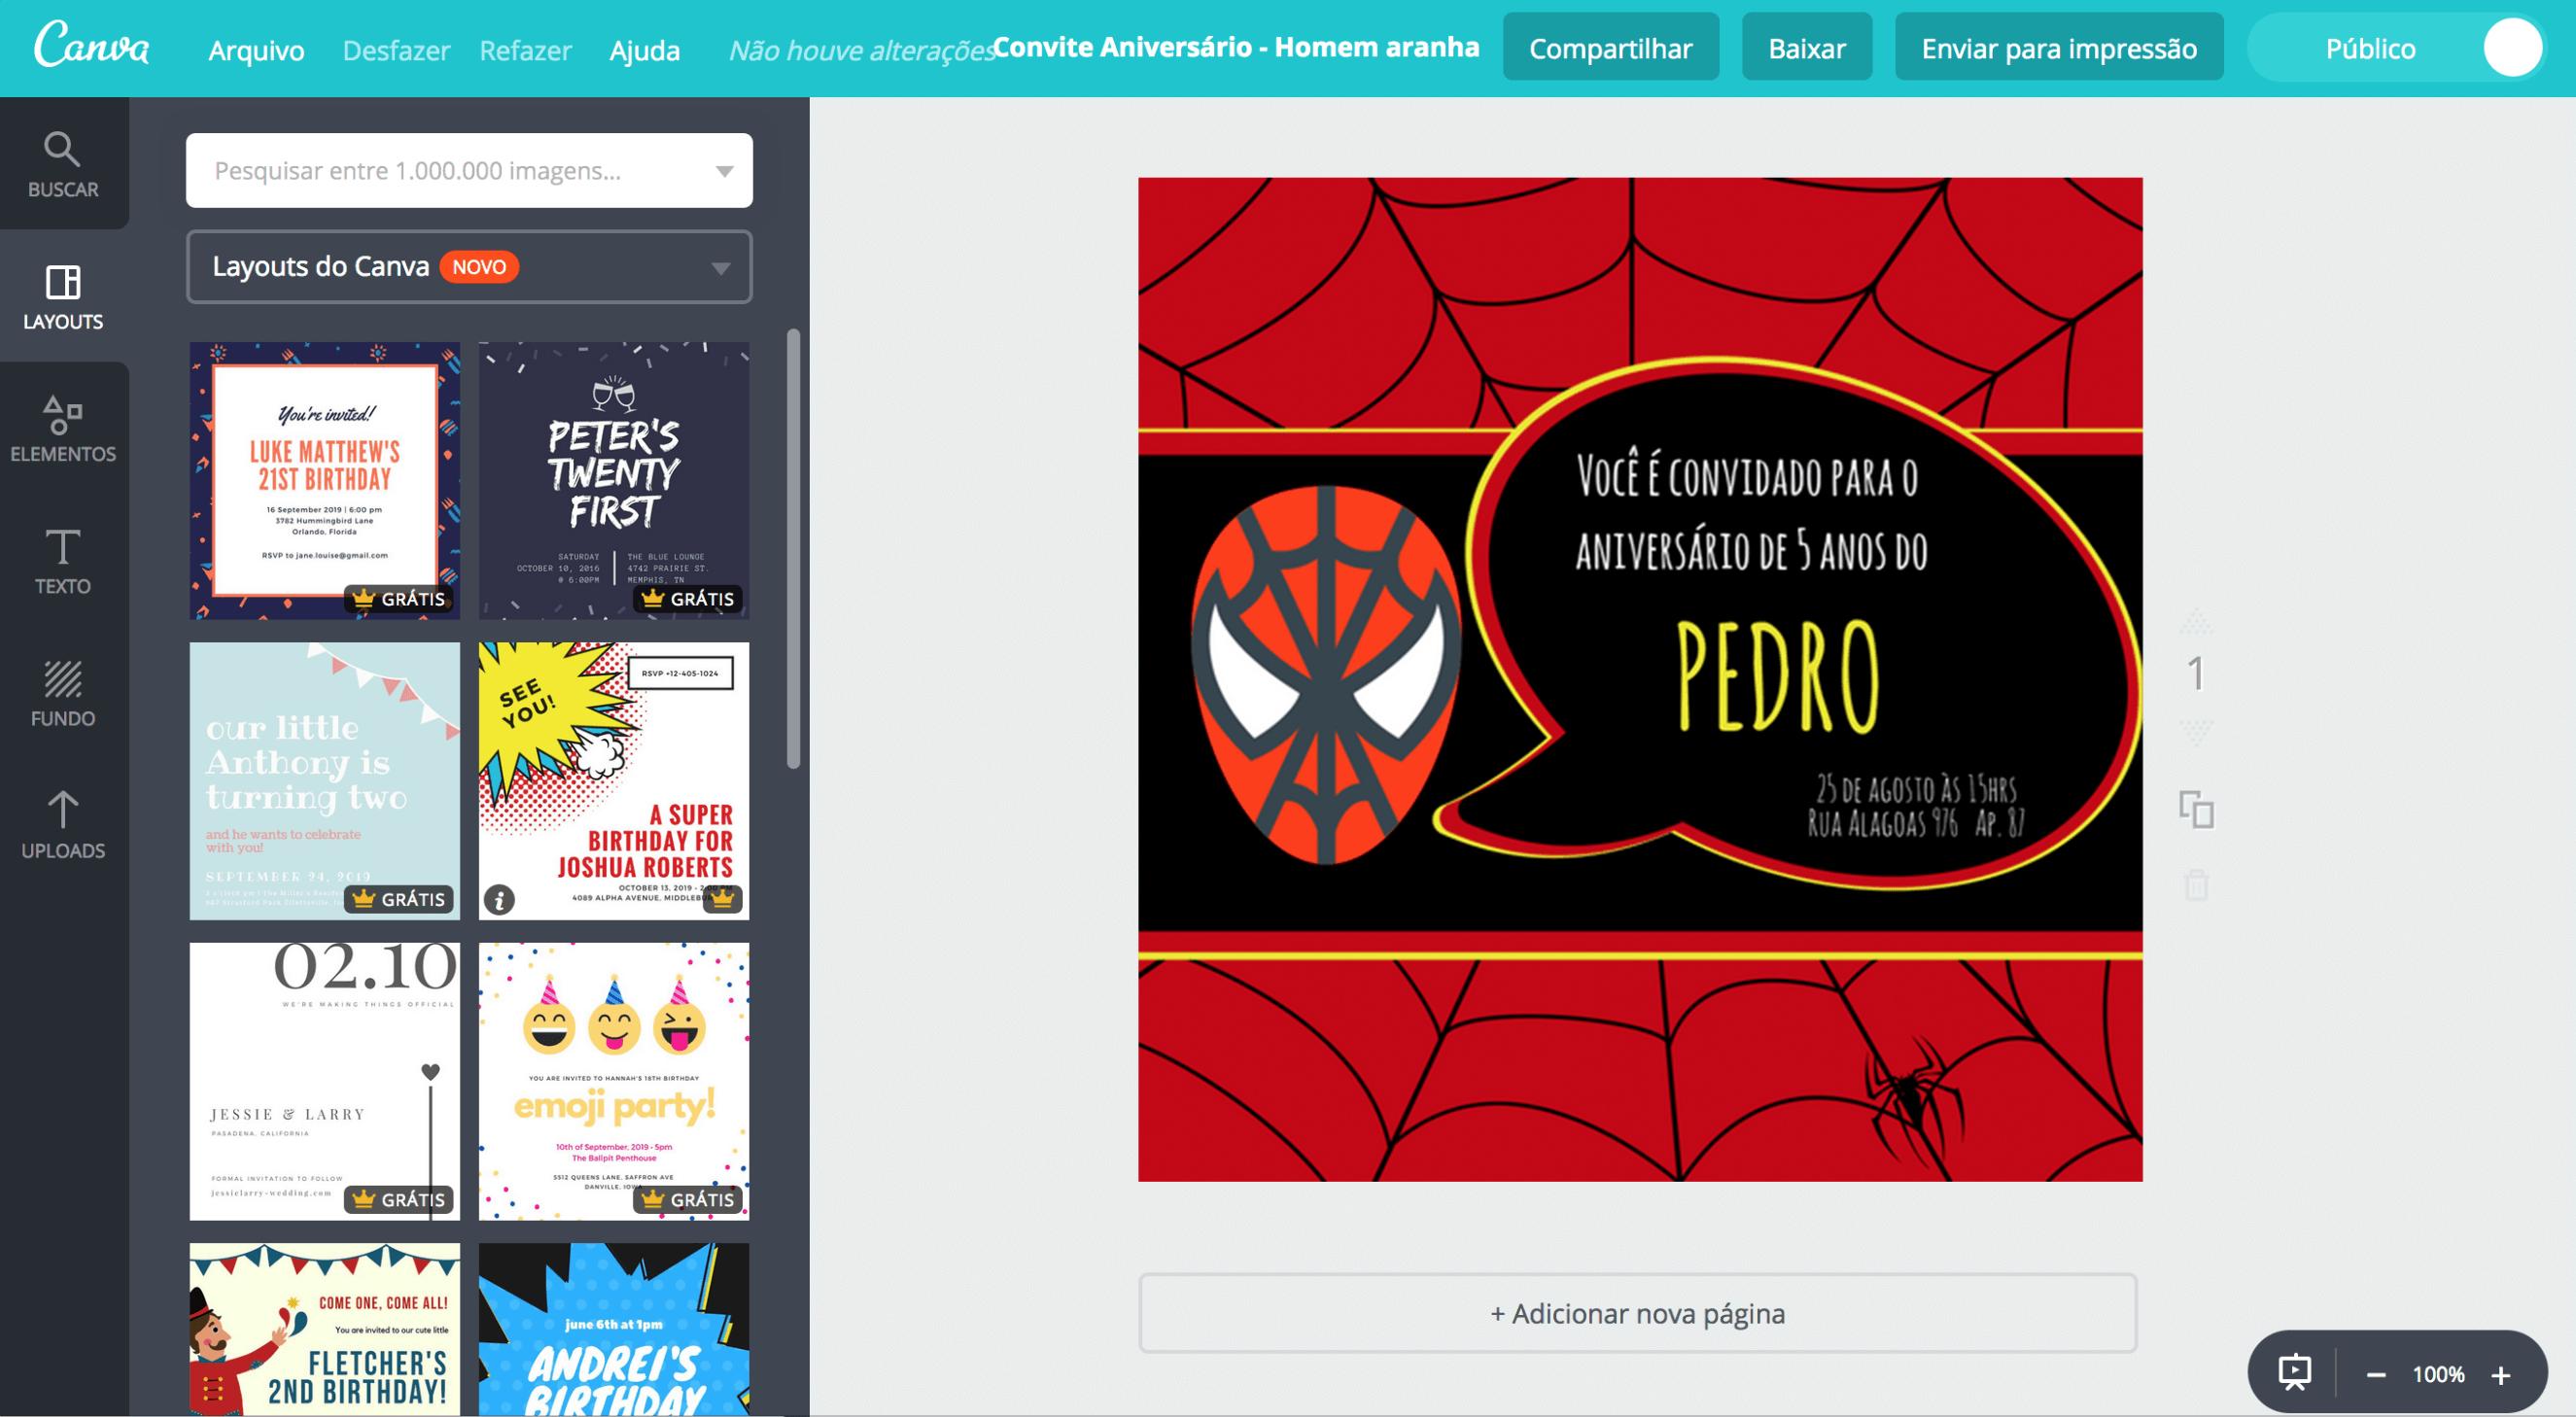 Convite de aniversário Homem Aranha